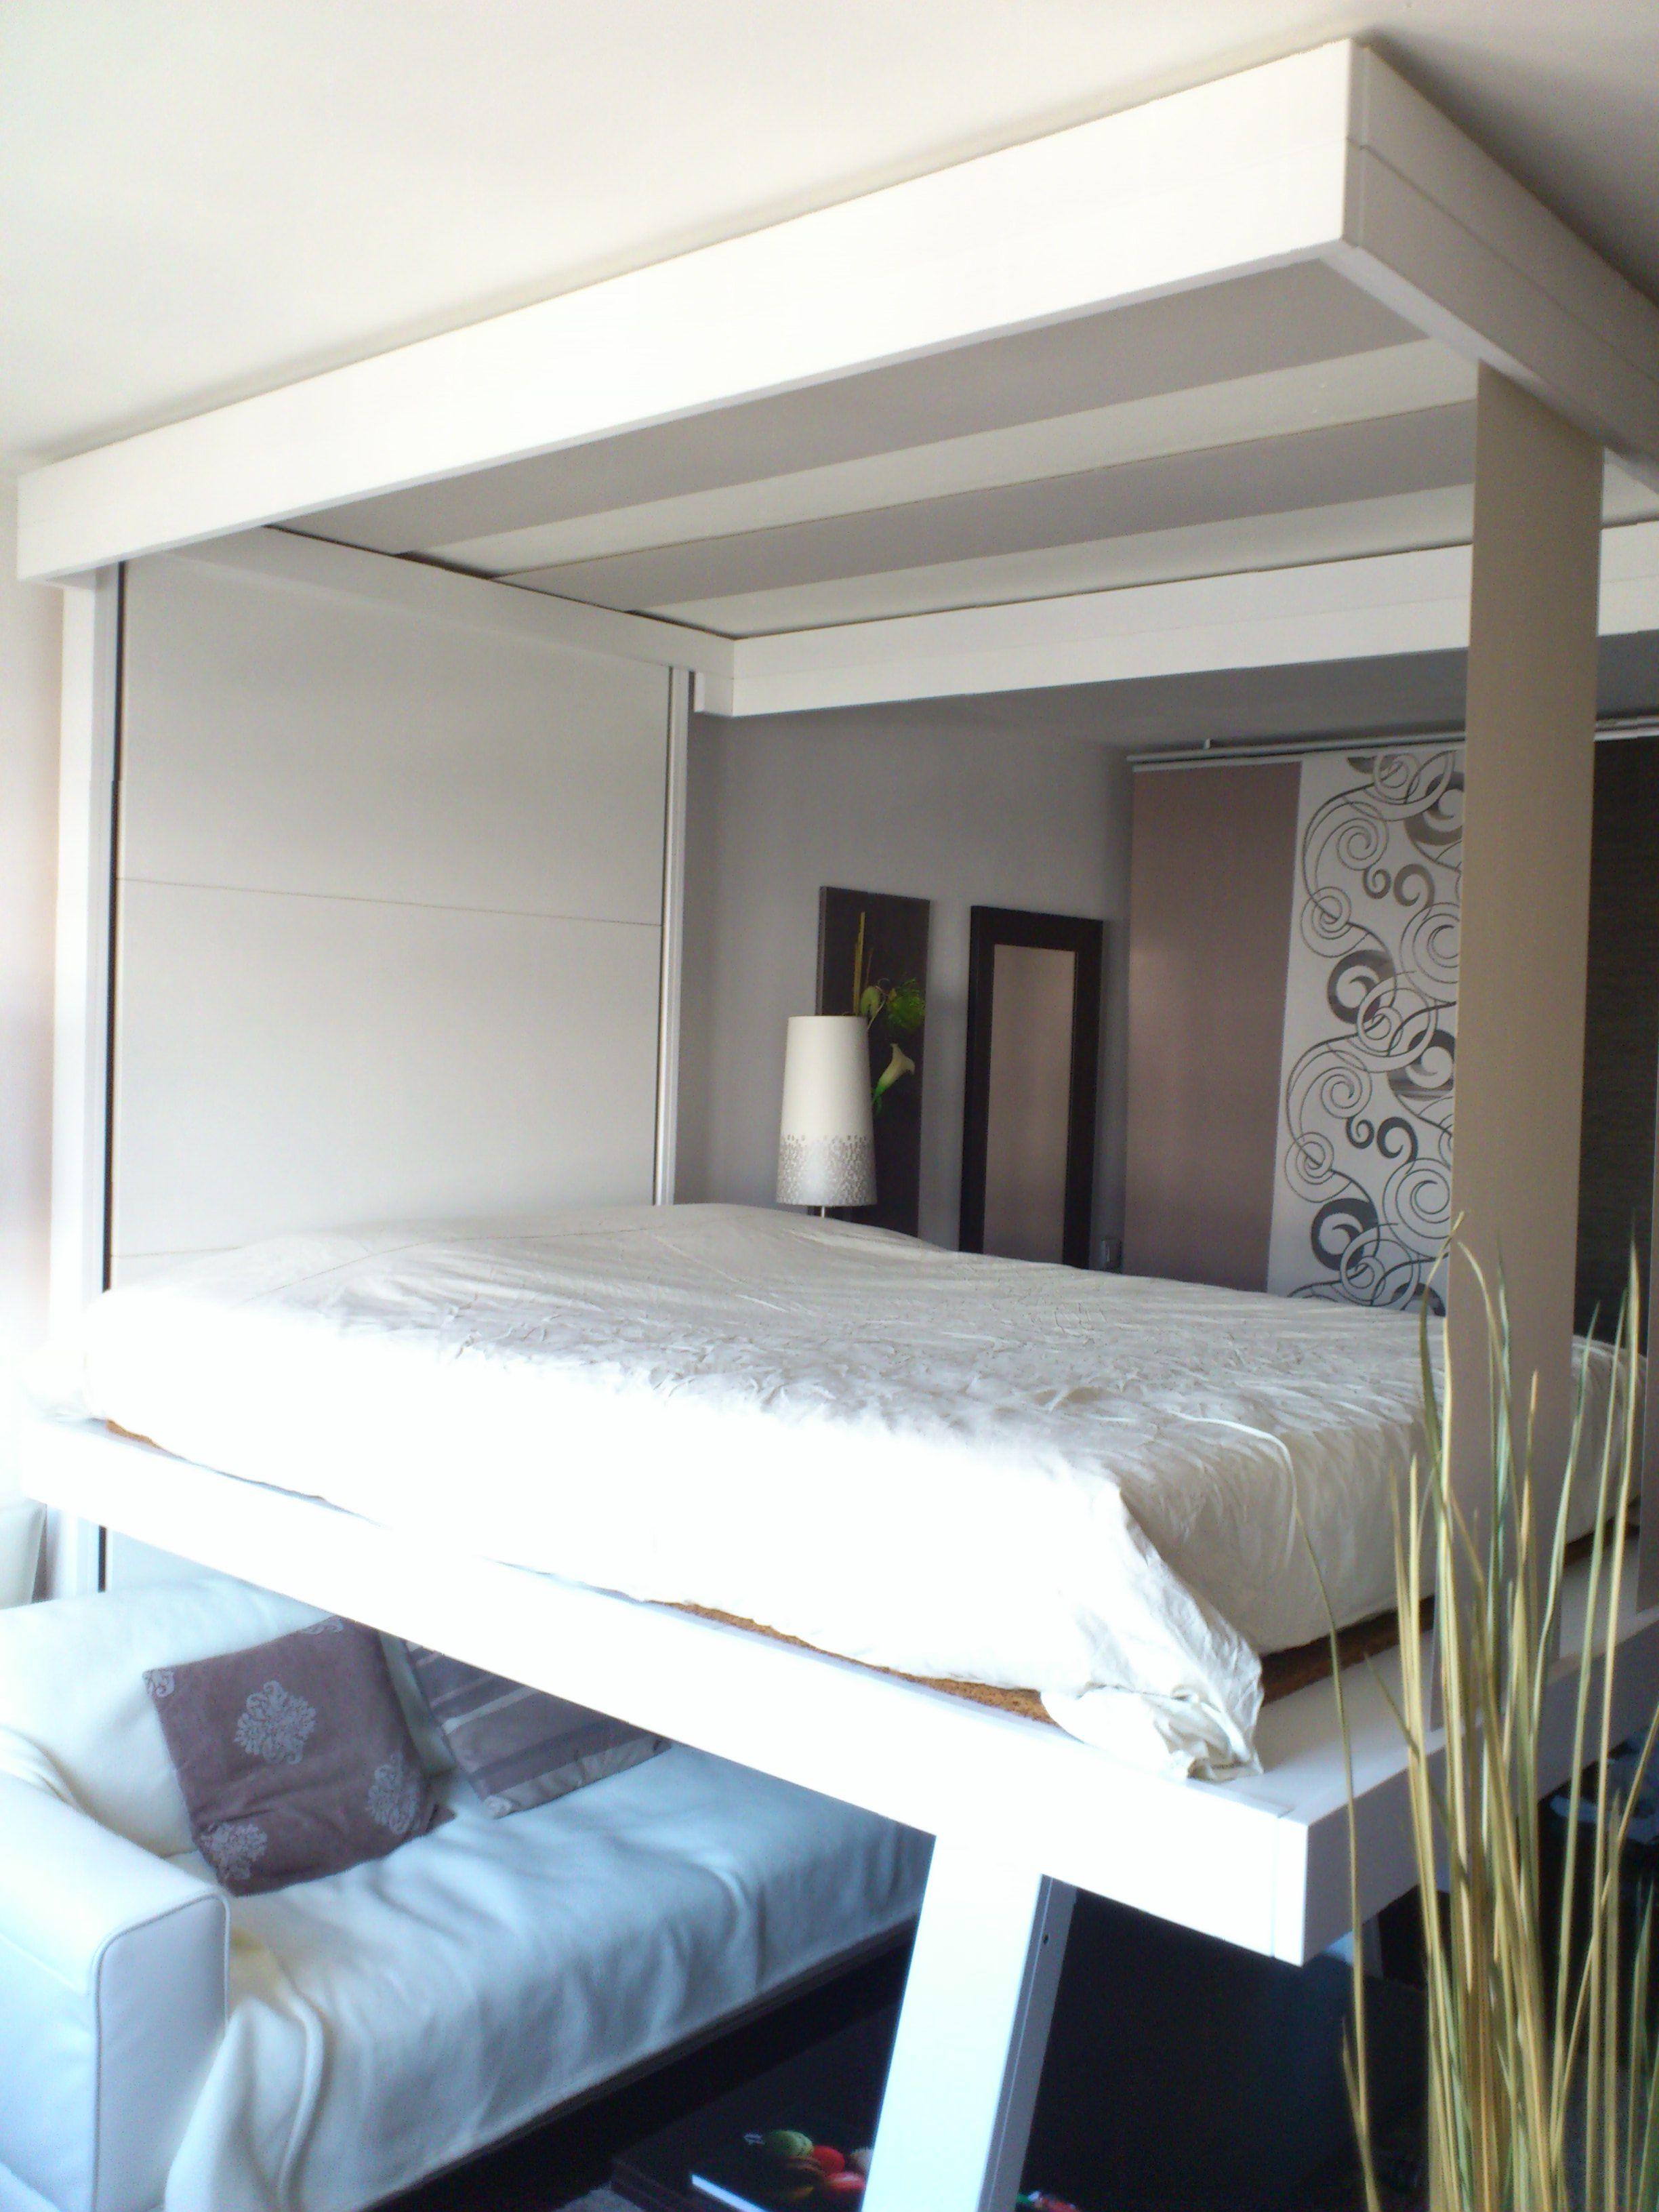 Epingle Par Bedup Sur Chez Nos Clients Decoration Maison Lit Escamotable Lit